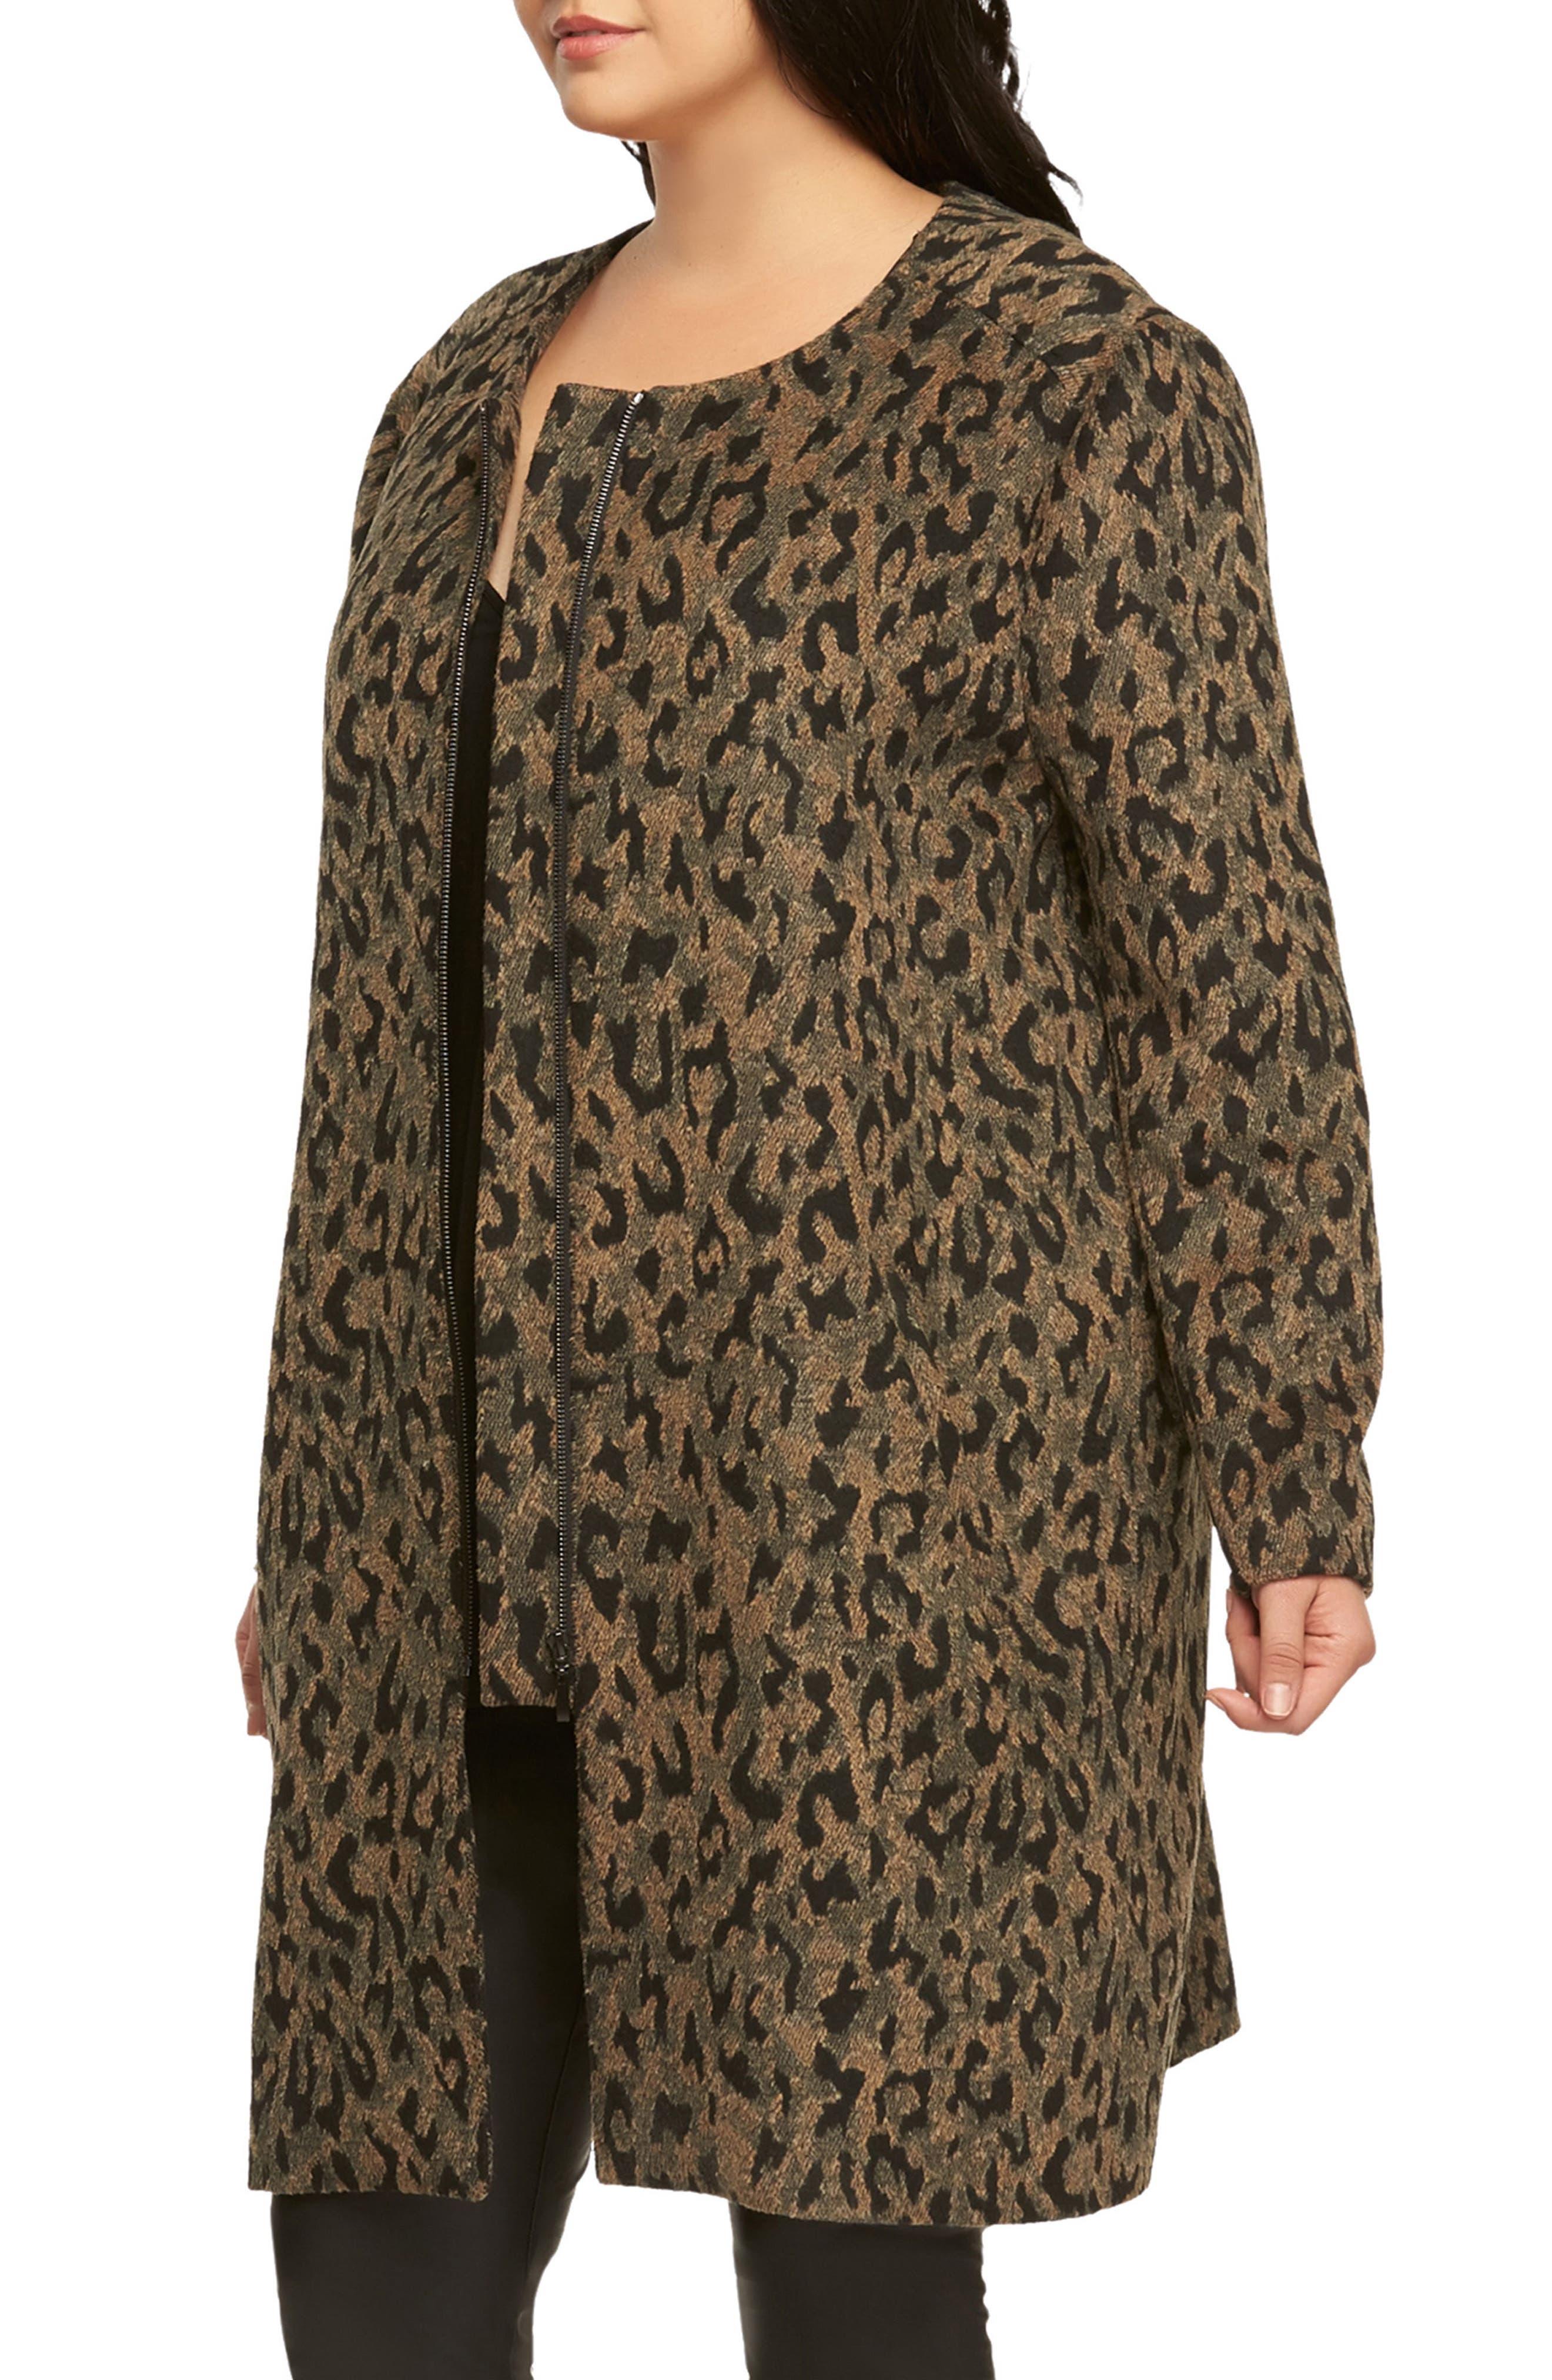 Ashton Leopard Print Coat,                             Alternate thumbnail 3, color,                             208